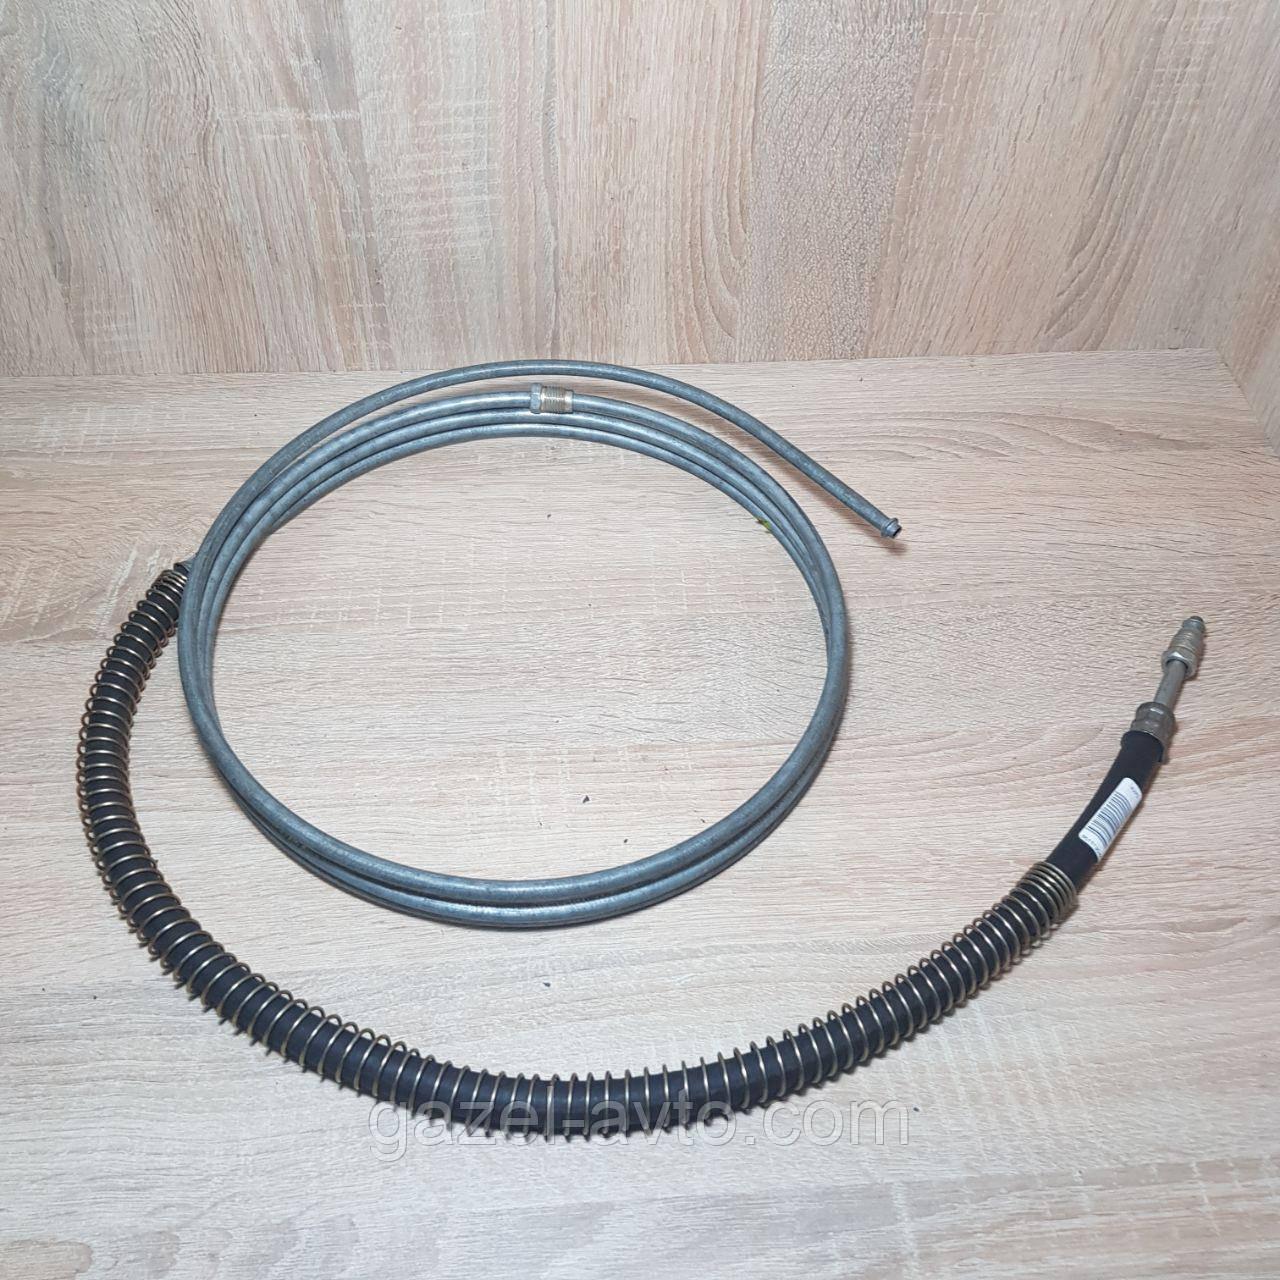 Трубка Газель дв. 405 с топливным шлангом под погружной насос (пр-во Автопромагрегат)